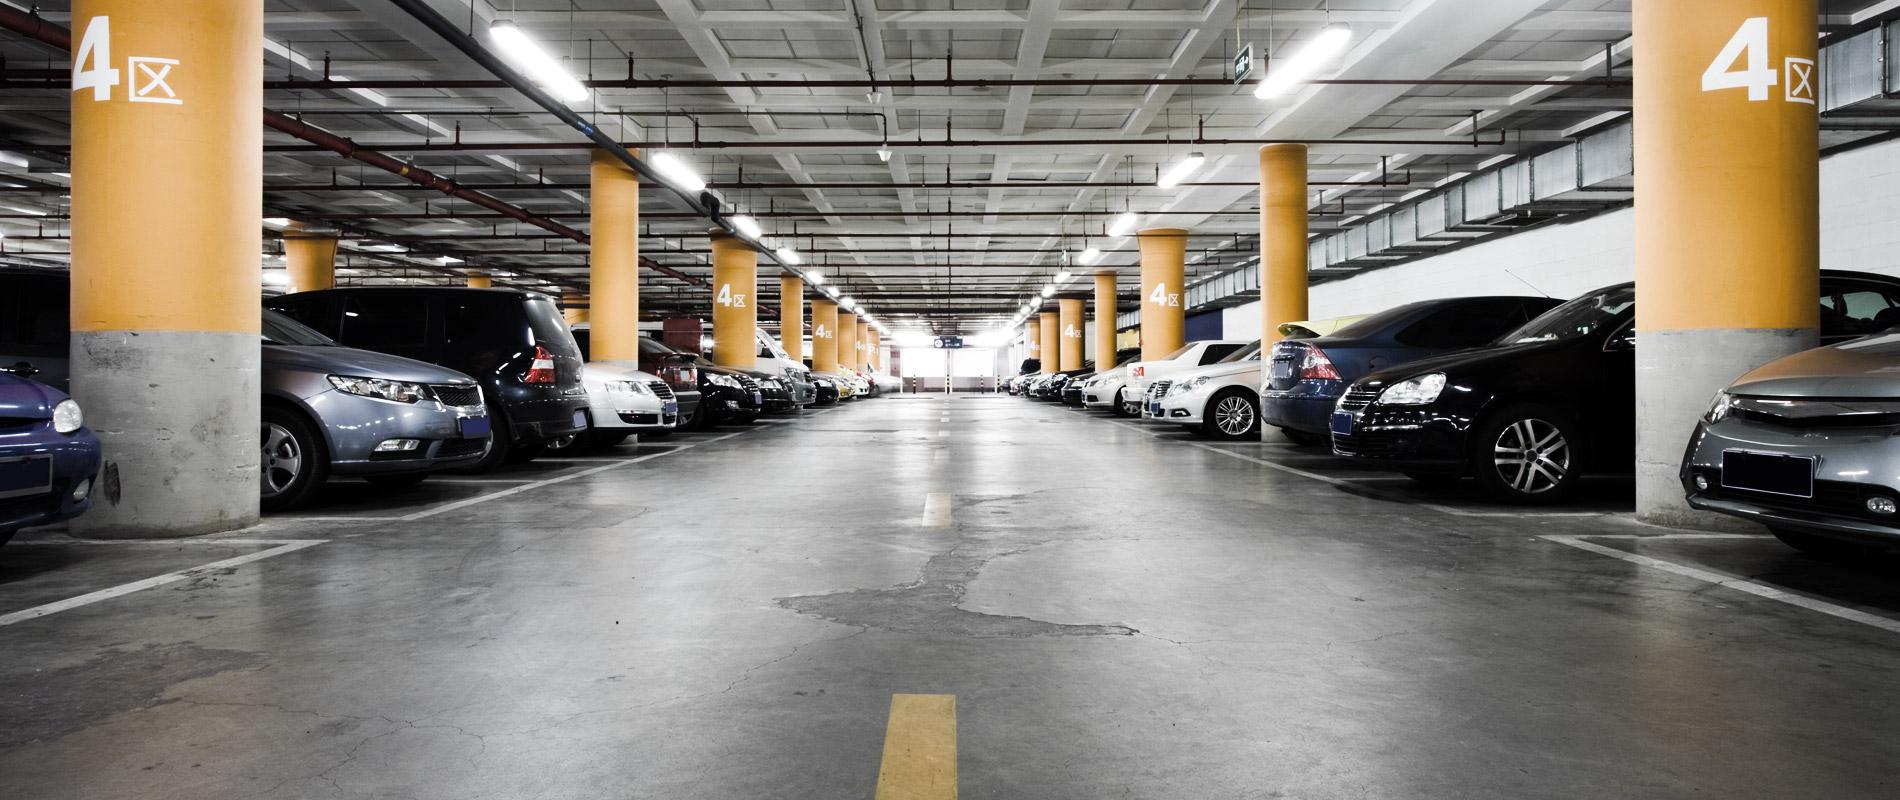 Μίσθωση χώρων στάθμευσης